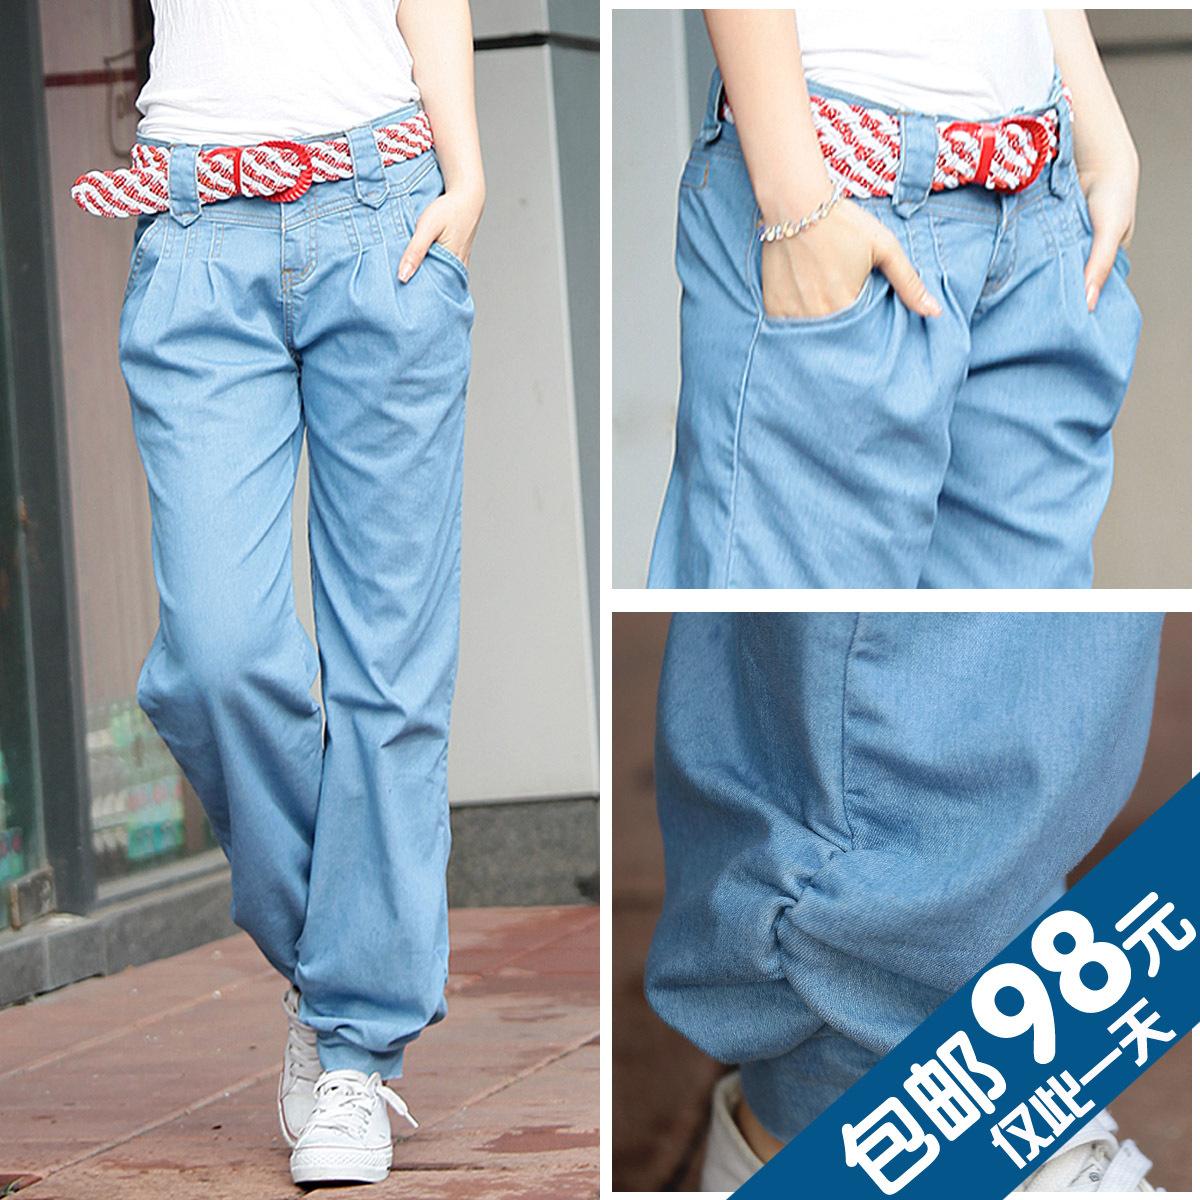 Женские брюки Abby force 8831 Длинные брюки Широкие штанины Повседневный 2013 года, Весна 2013, Осень 2013 Тонкая модель Шлифование с помощью дрожжей